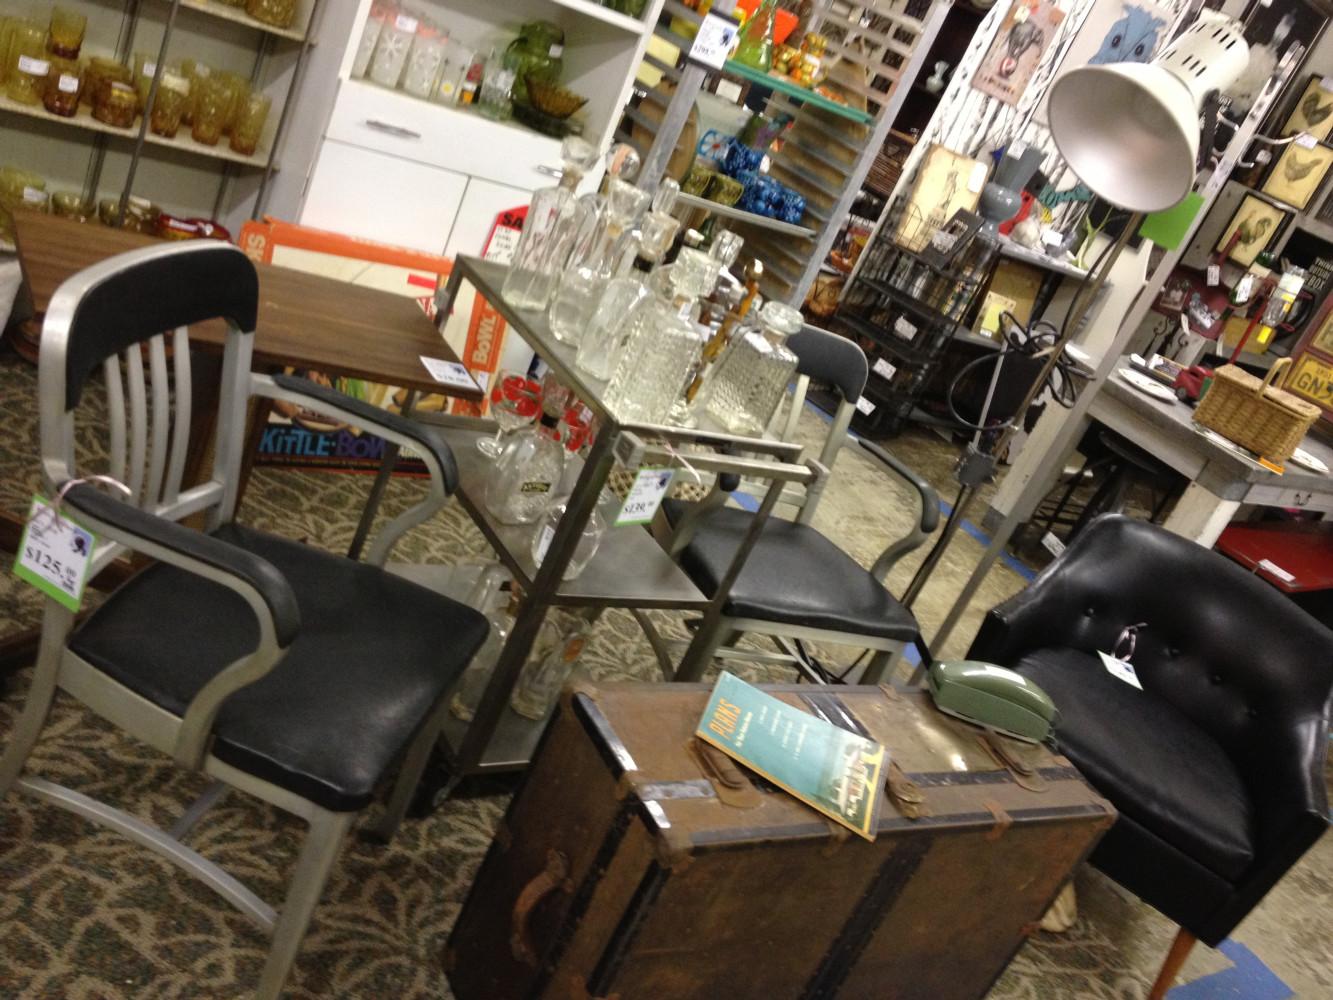 Vintage Furniture & Home Decor